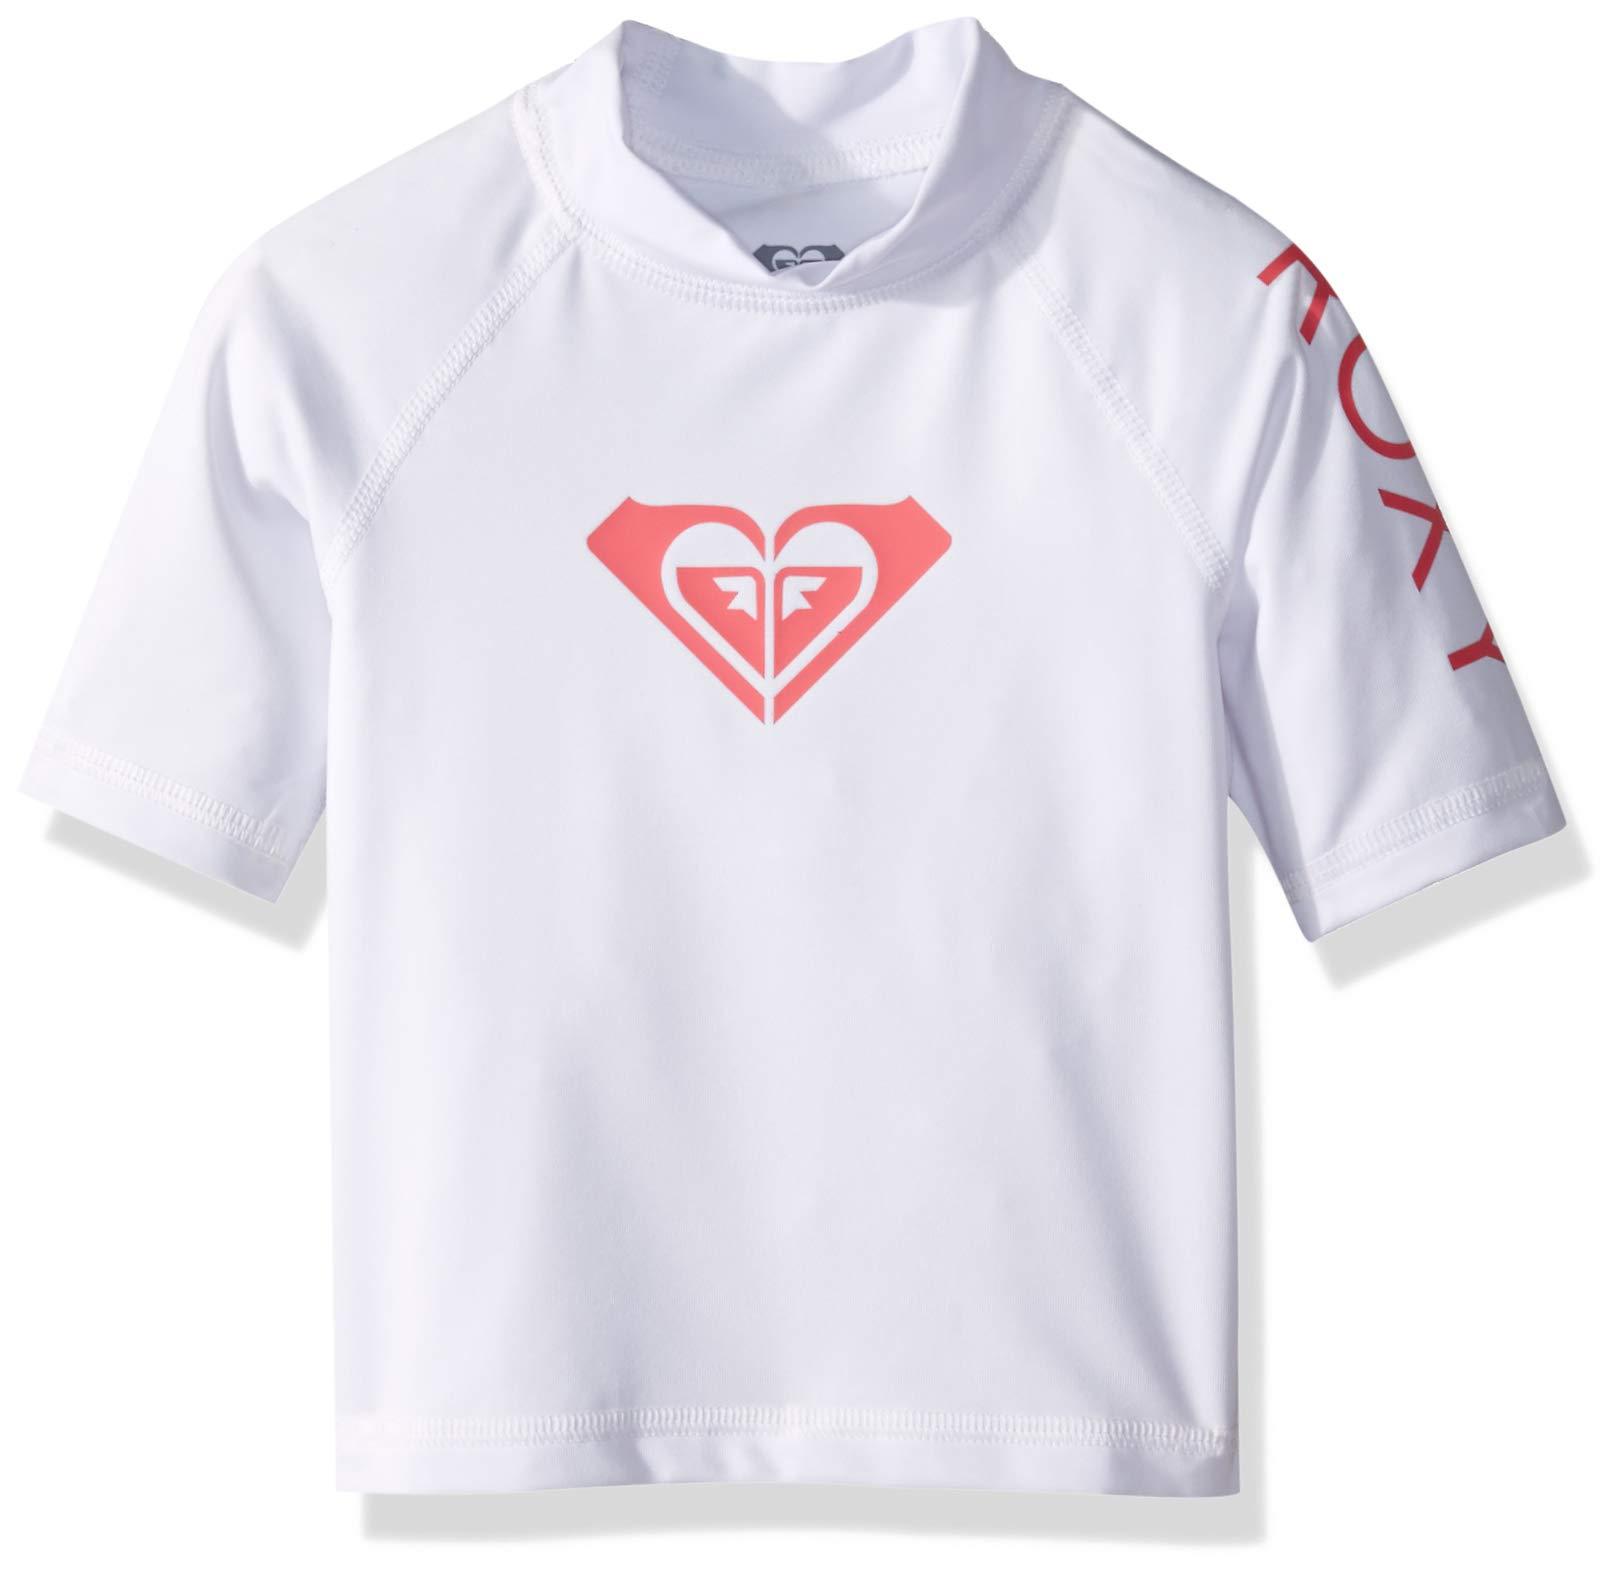 Roxy Toddler Girls' Whole Hearted Short Sleeve Rashguard, Bright White, 2